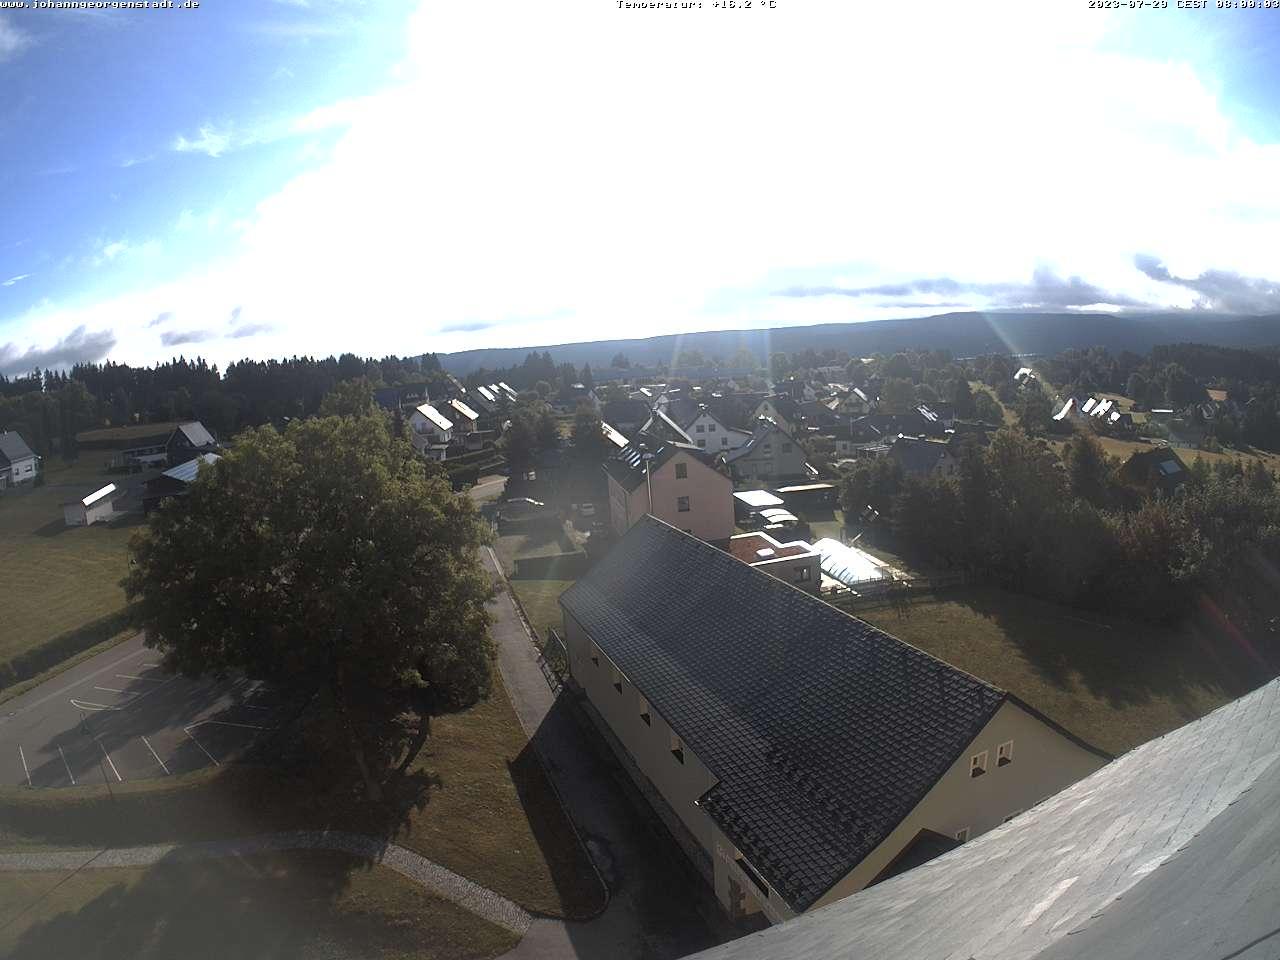 Webcam Ski Resort Johanngeorgenstadt cam 2 - Ore Mountains